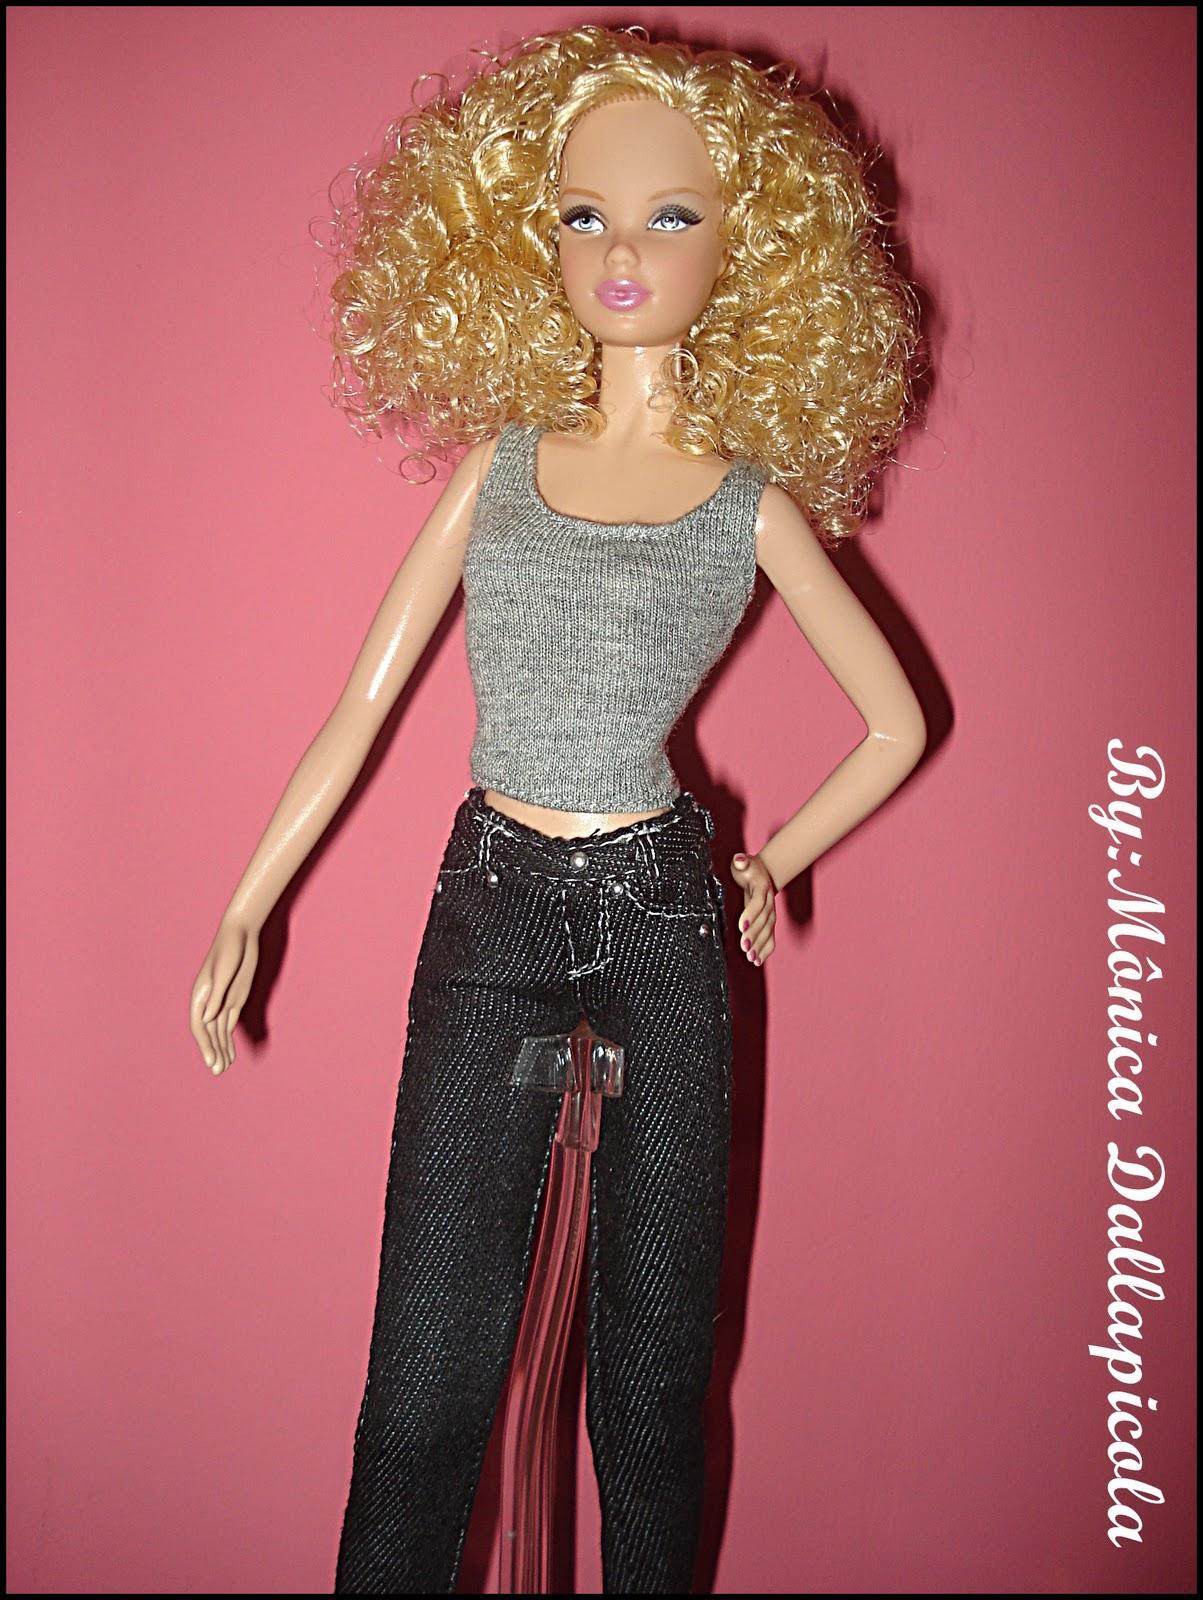 Vinho Meias Para Boneca Barbie Silkstone moderna feita para mover Model Muse